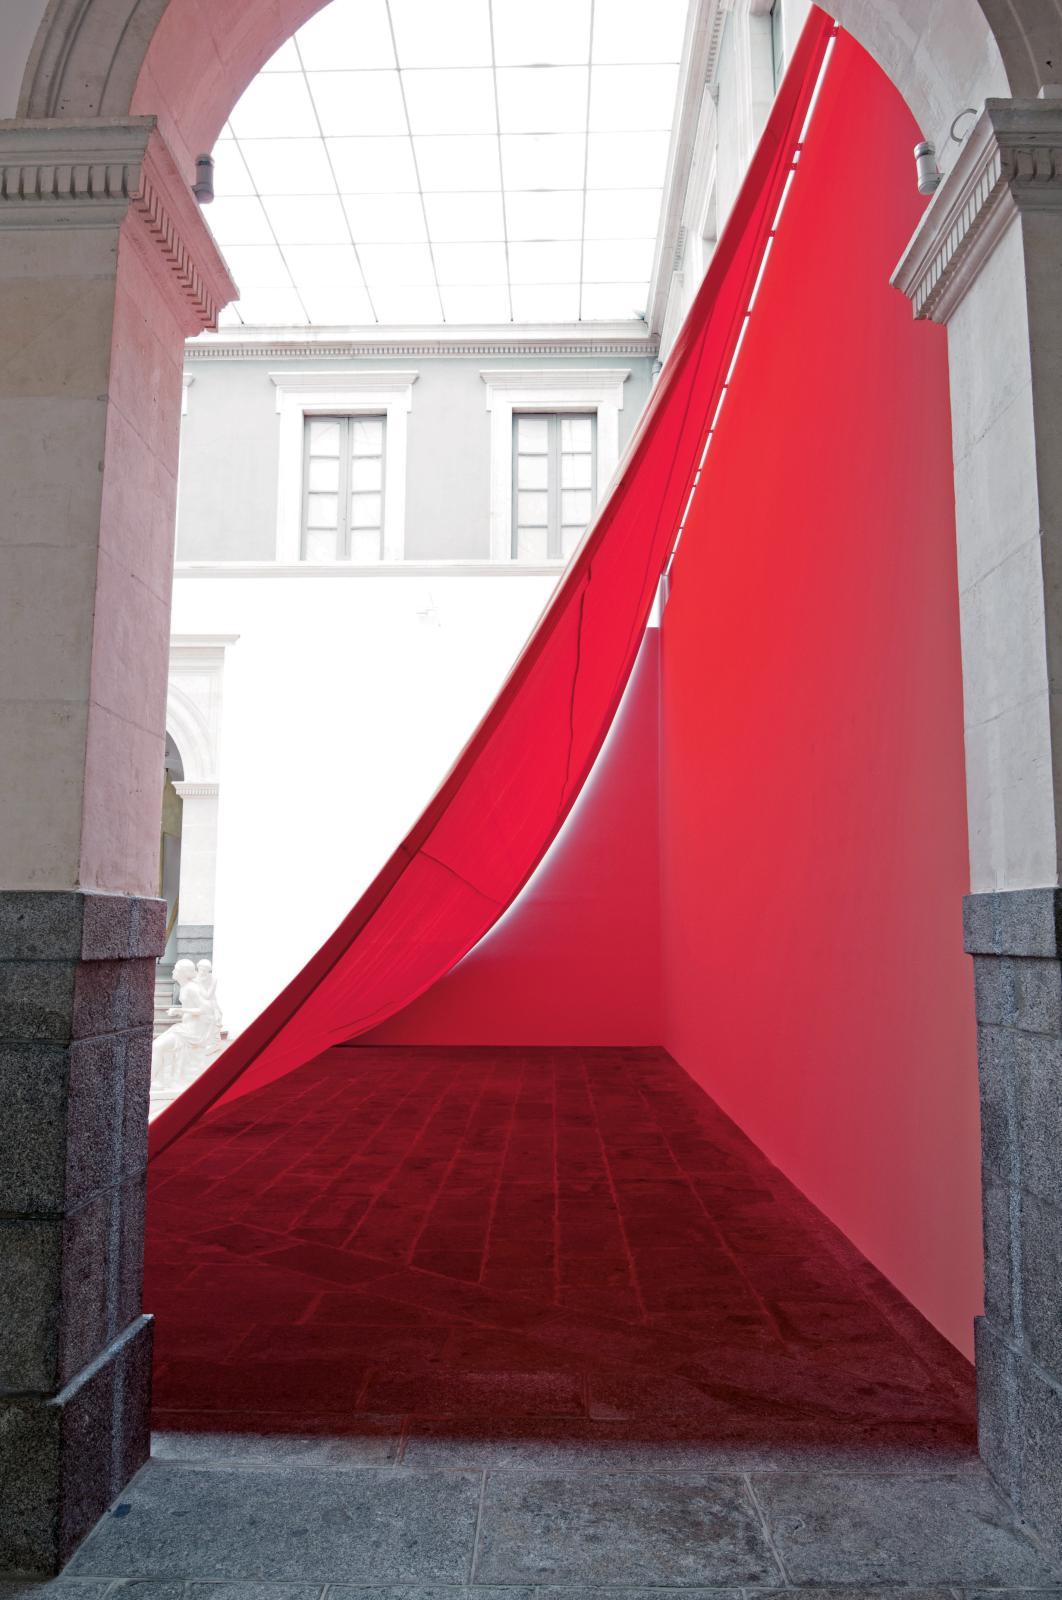 Tableau vivant, installation au musée des beaux-arts de Rennes, 2017. ©Jean-Manuel Ralingue/ Musée des beaux-arts de Rennes